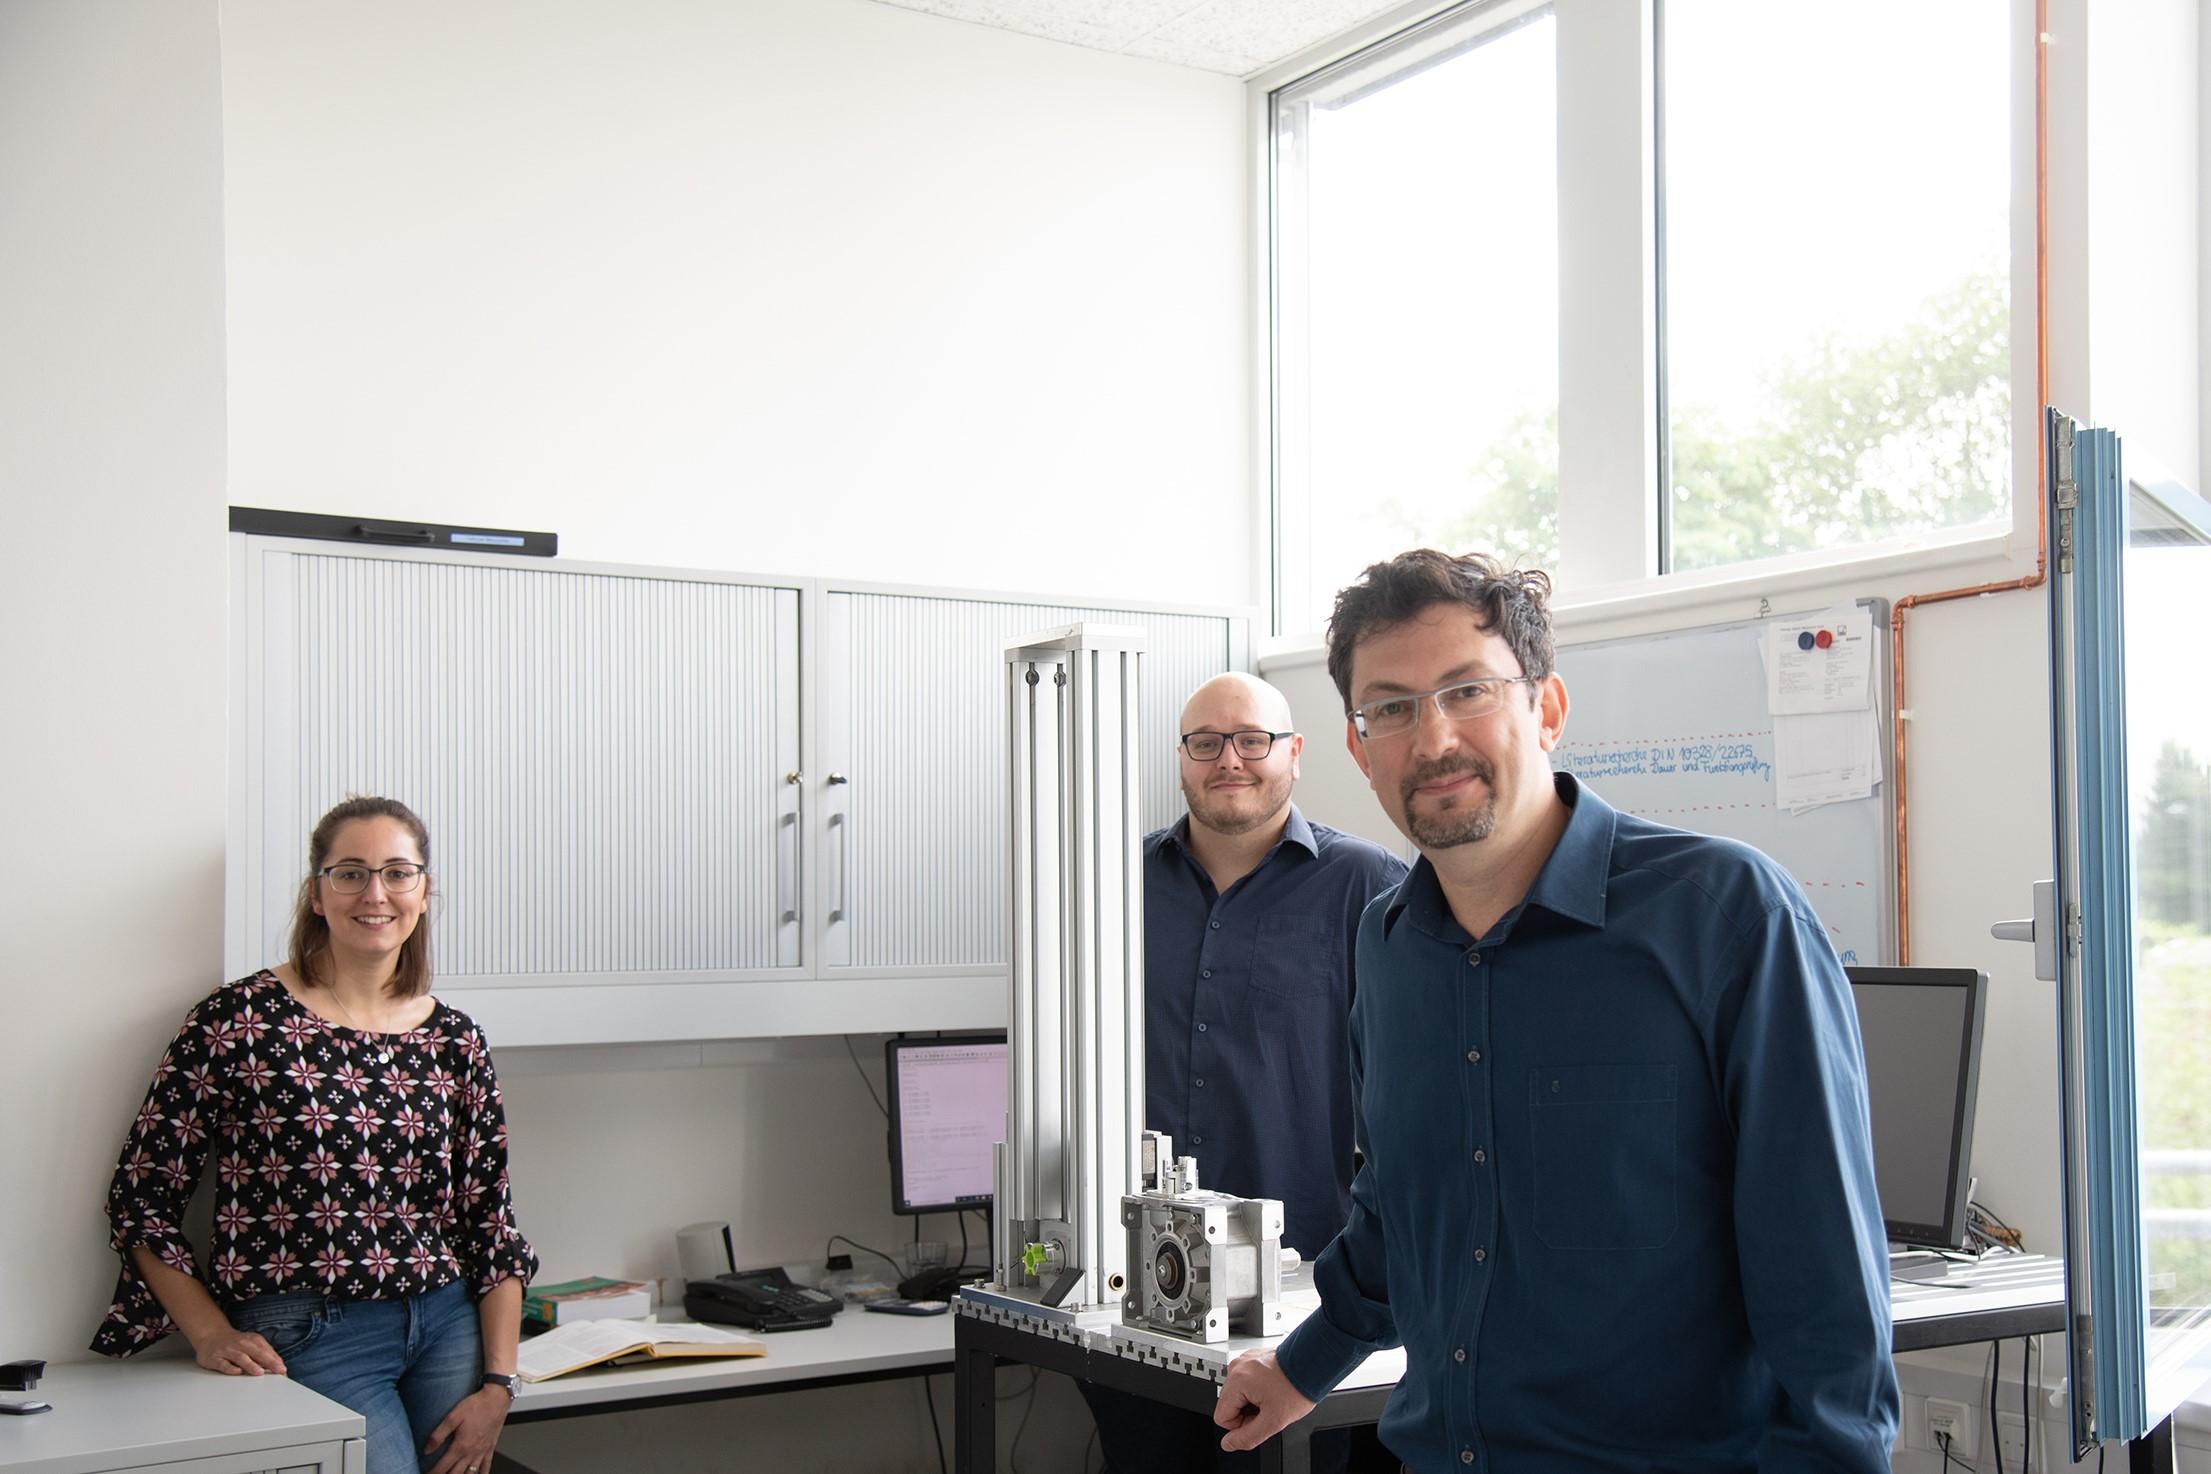 Sie arbeiten zusammen im Projekt SIGMA3D (v. l.): Ann-Kathrin Carl, Andre Hanekamp und Prof. Dr. David Hochmann.